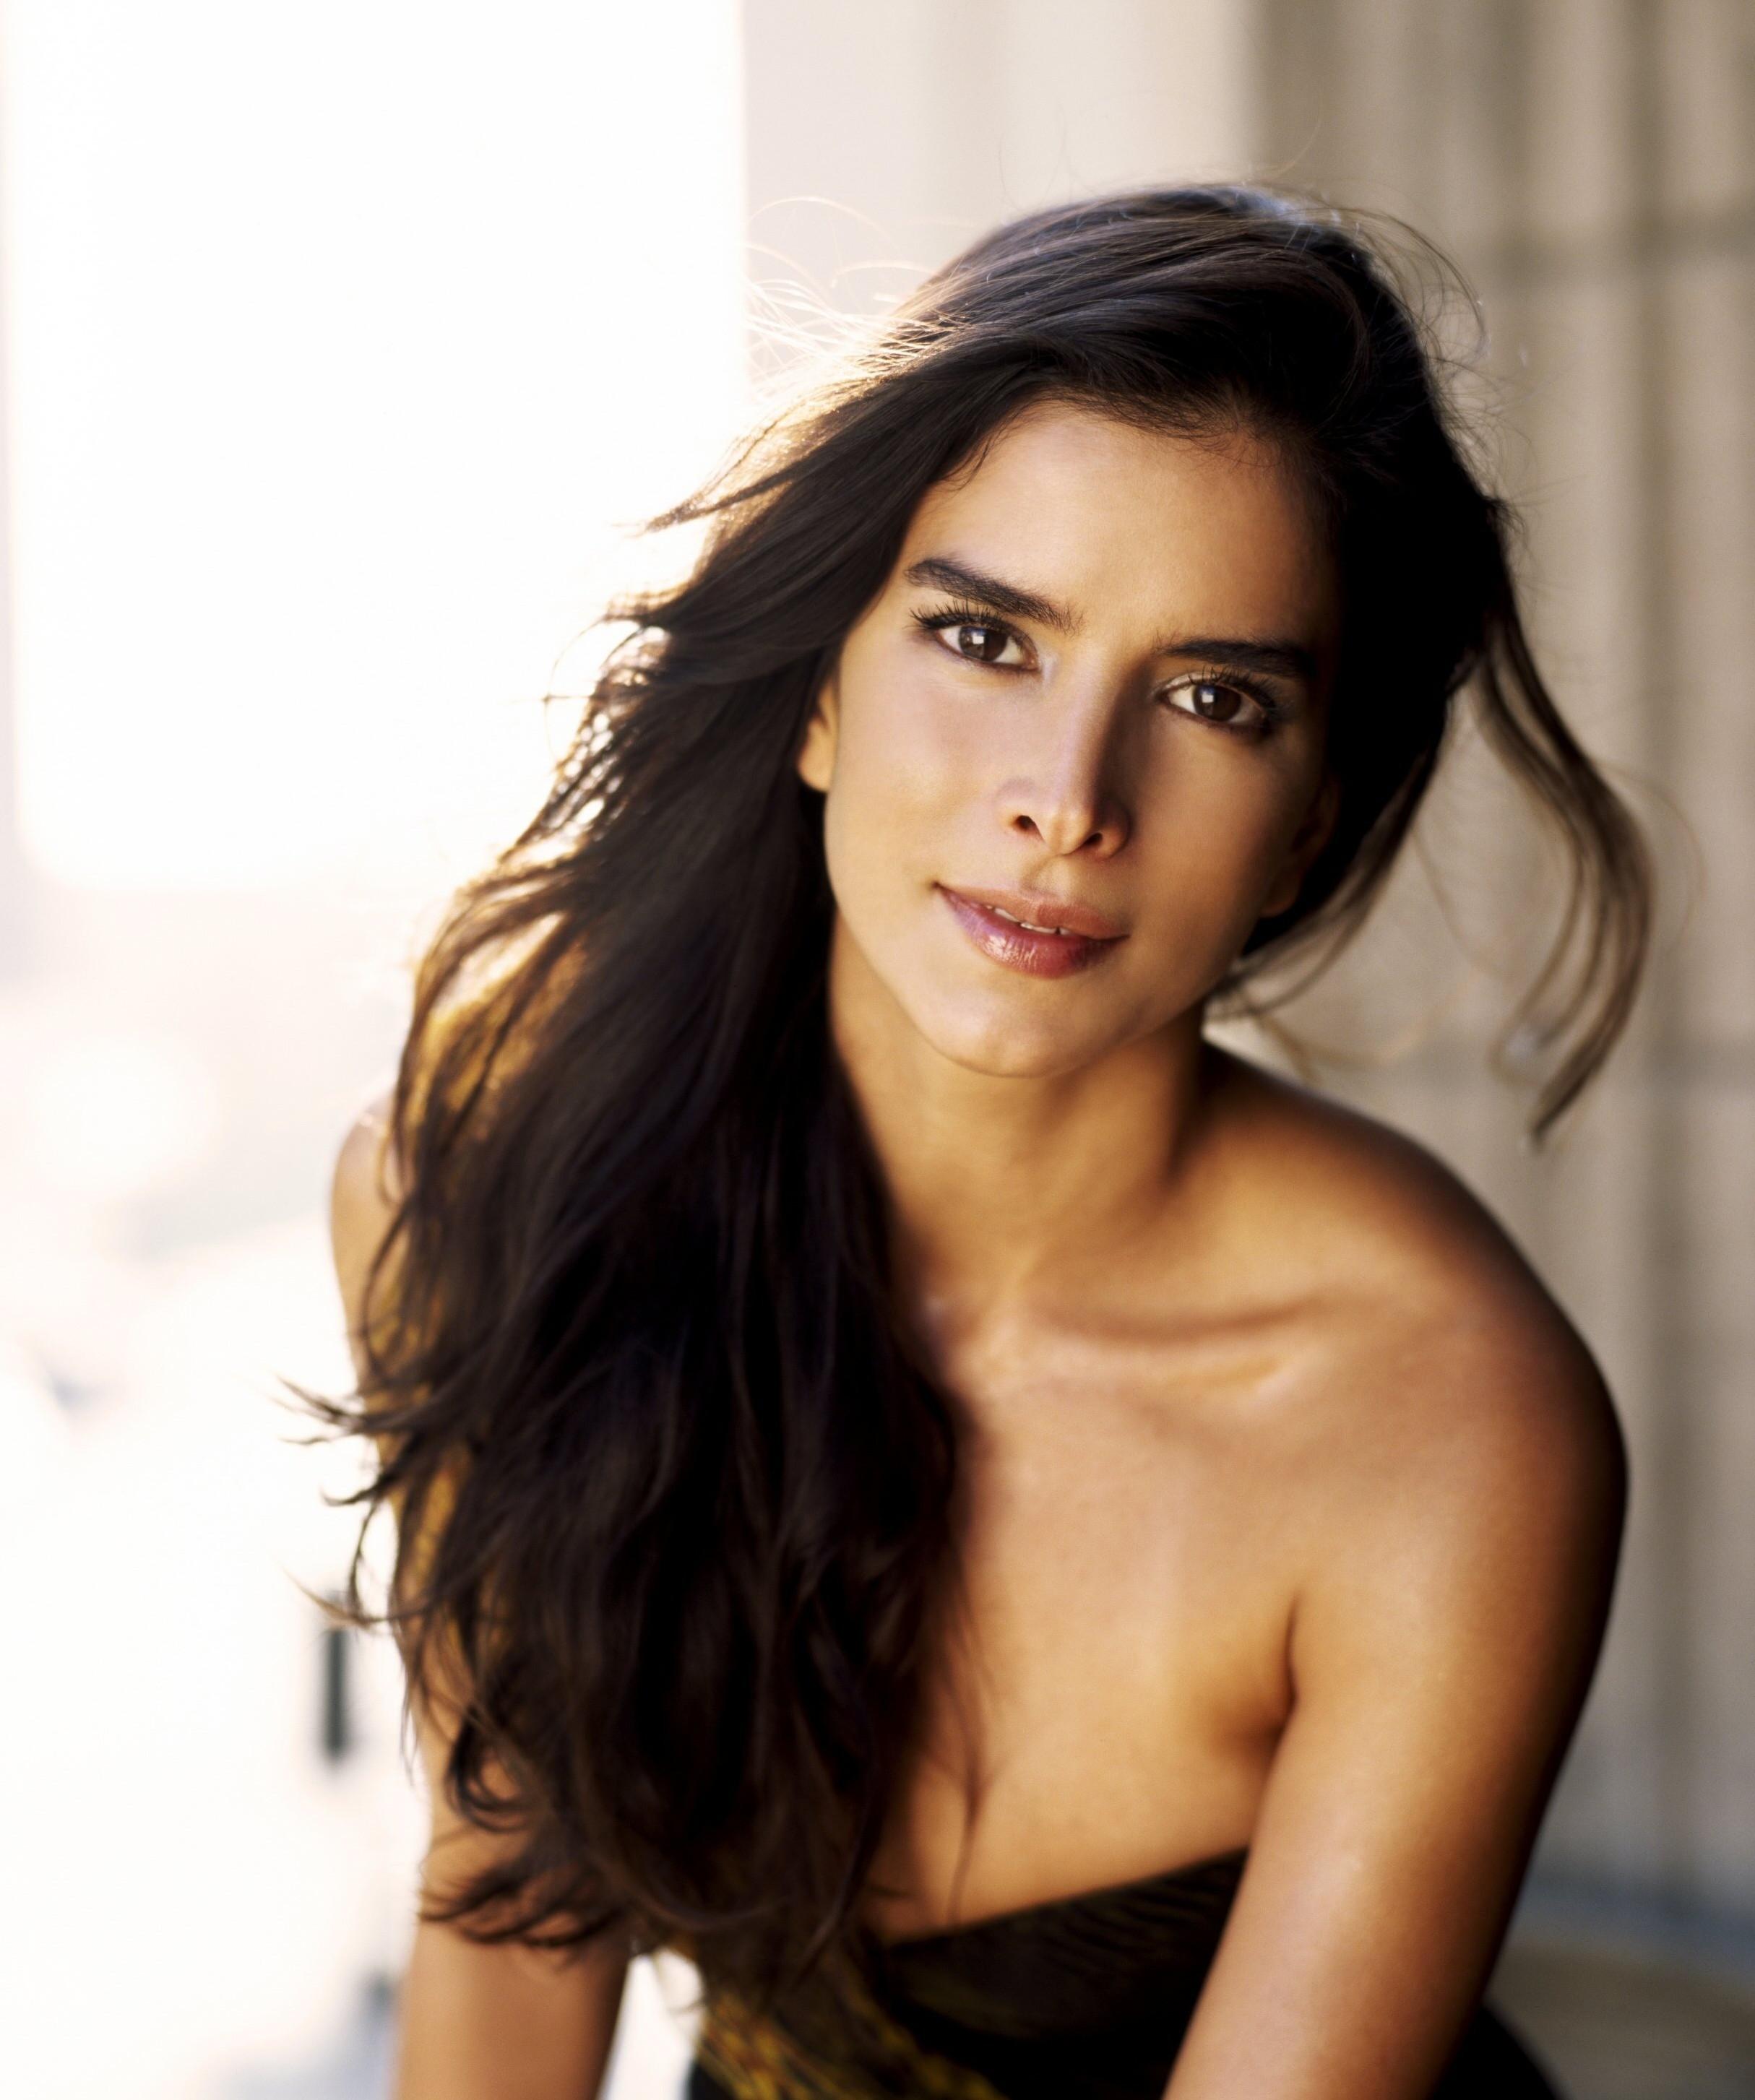 Показать перечень испанских порно актрис